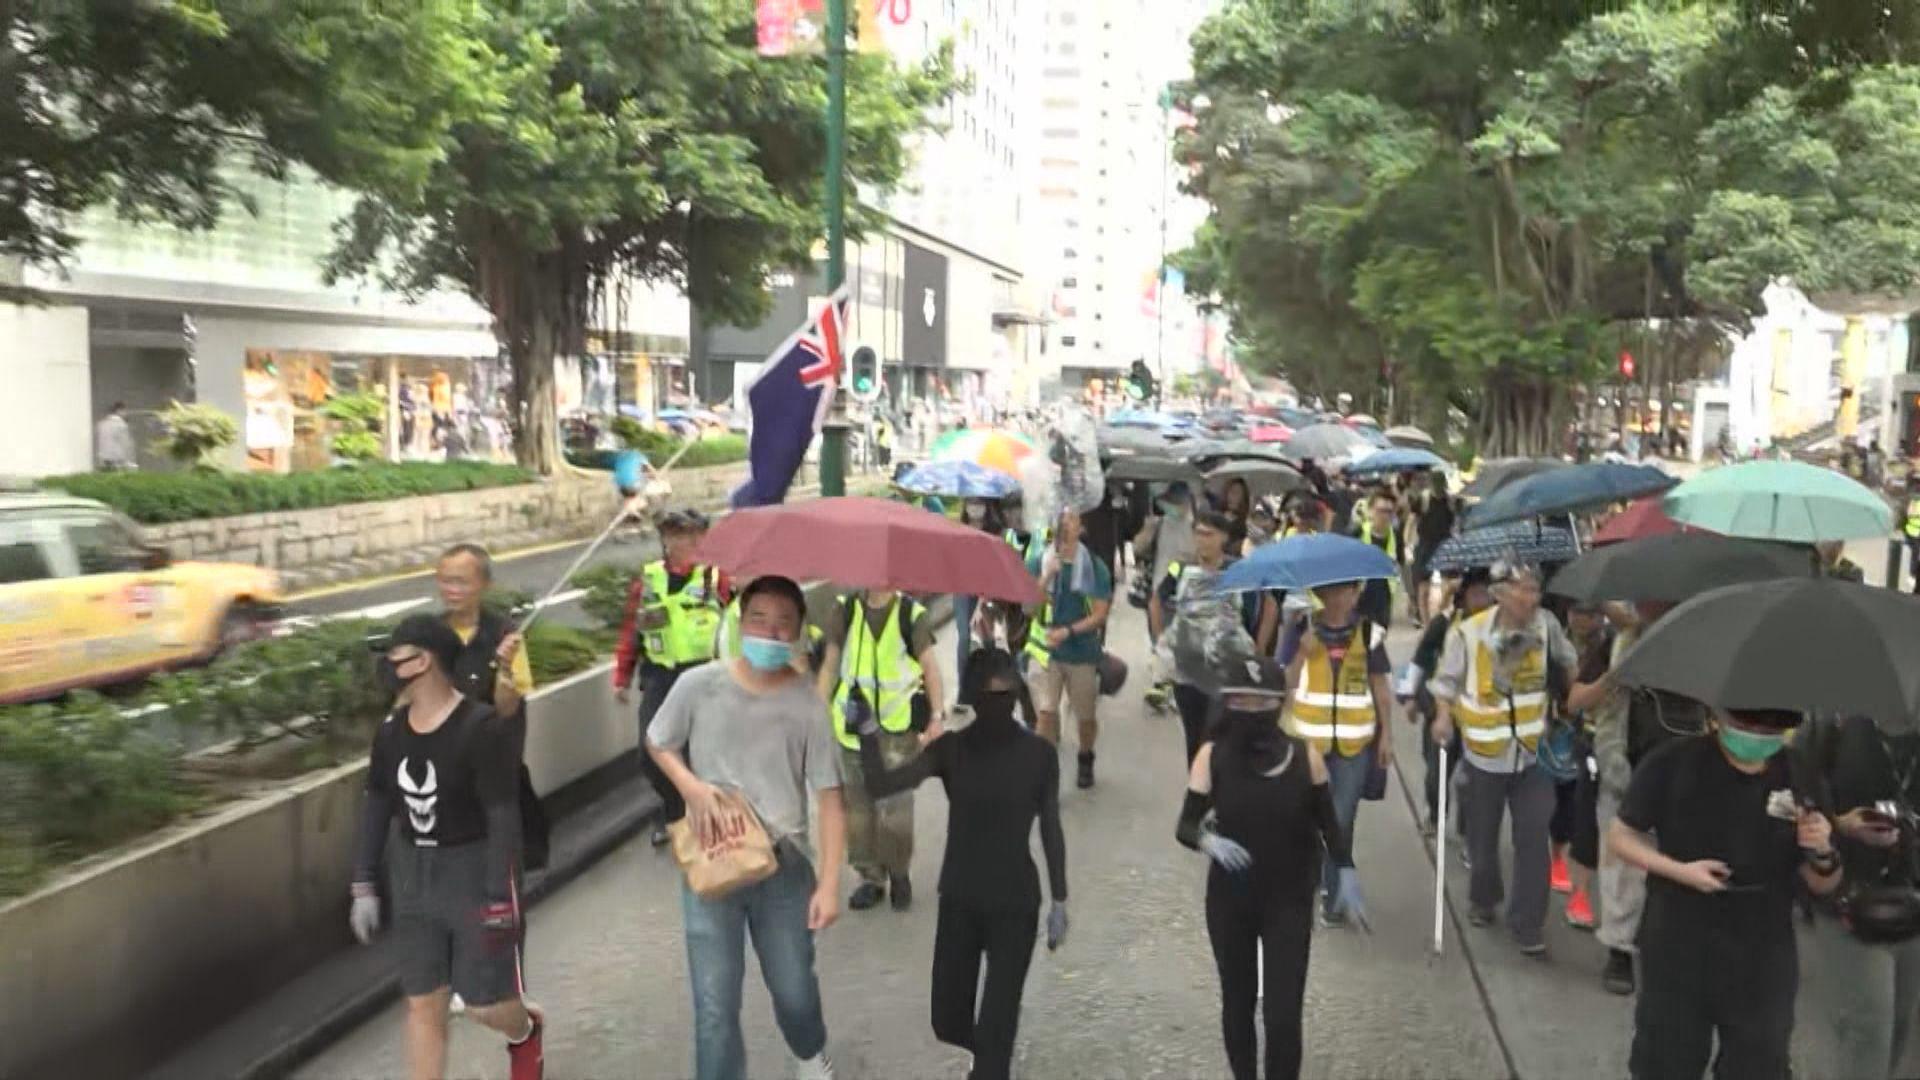 尖沙咀遊行 彌敦道部分行車線被佔據